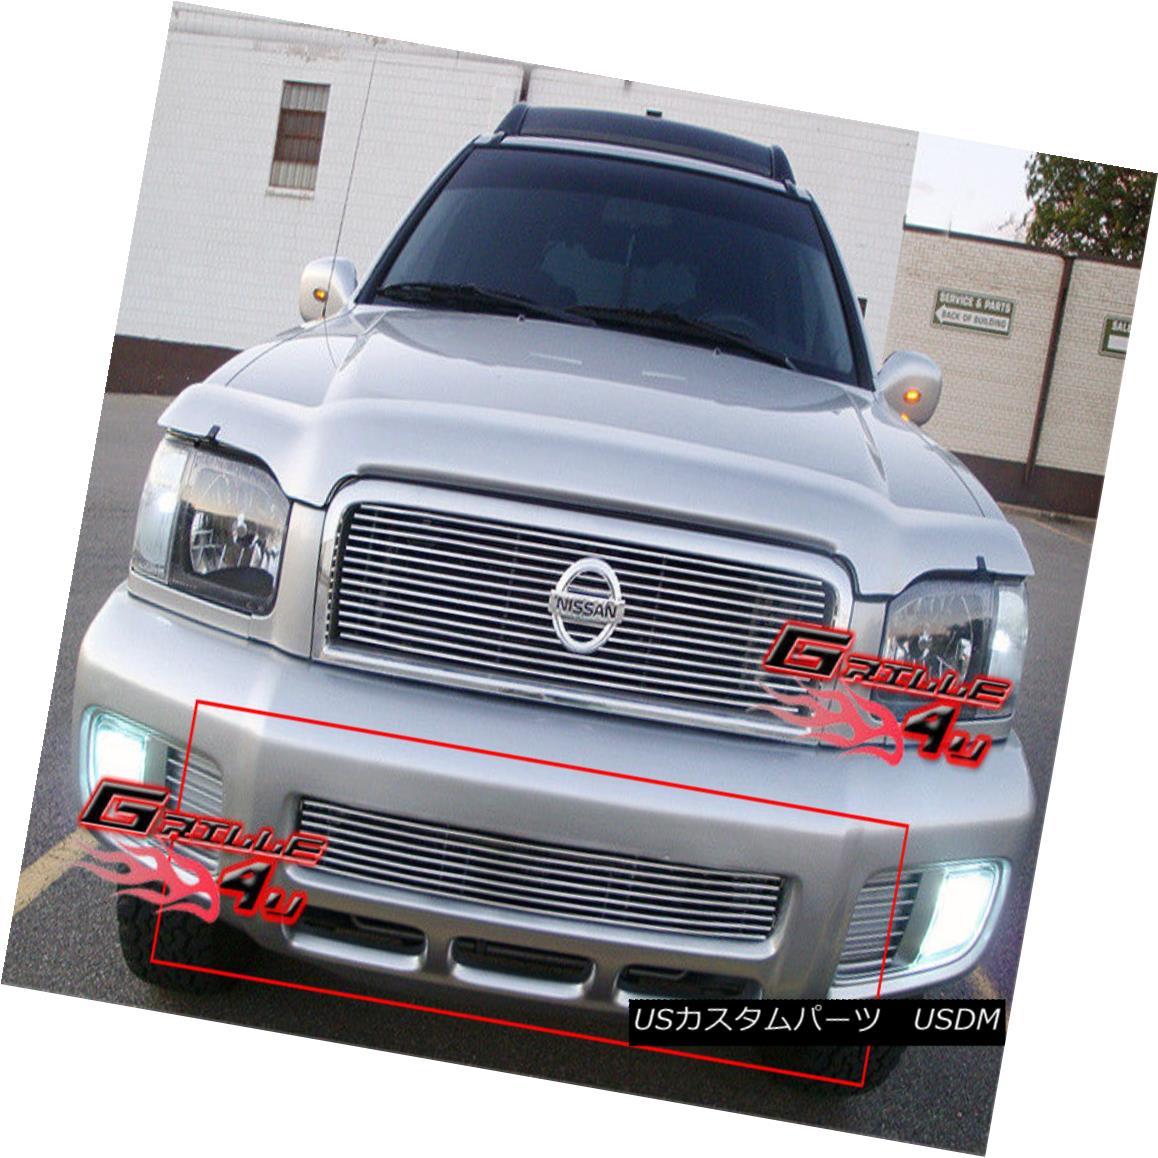 グリル Fits 99-04 Nissan Pathfinder Lower Bumper Billet Grille Grill Insert フィット99-04日産パスファインダーロワーバンパービレットグリルグリルインサート